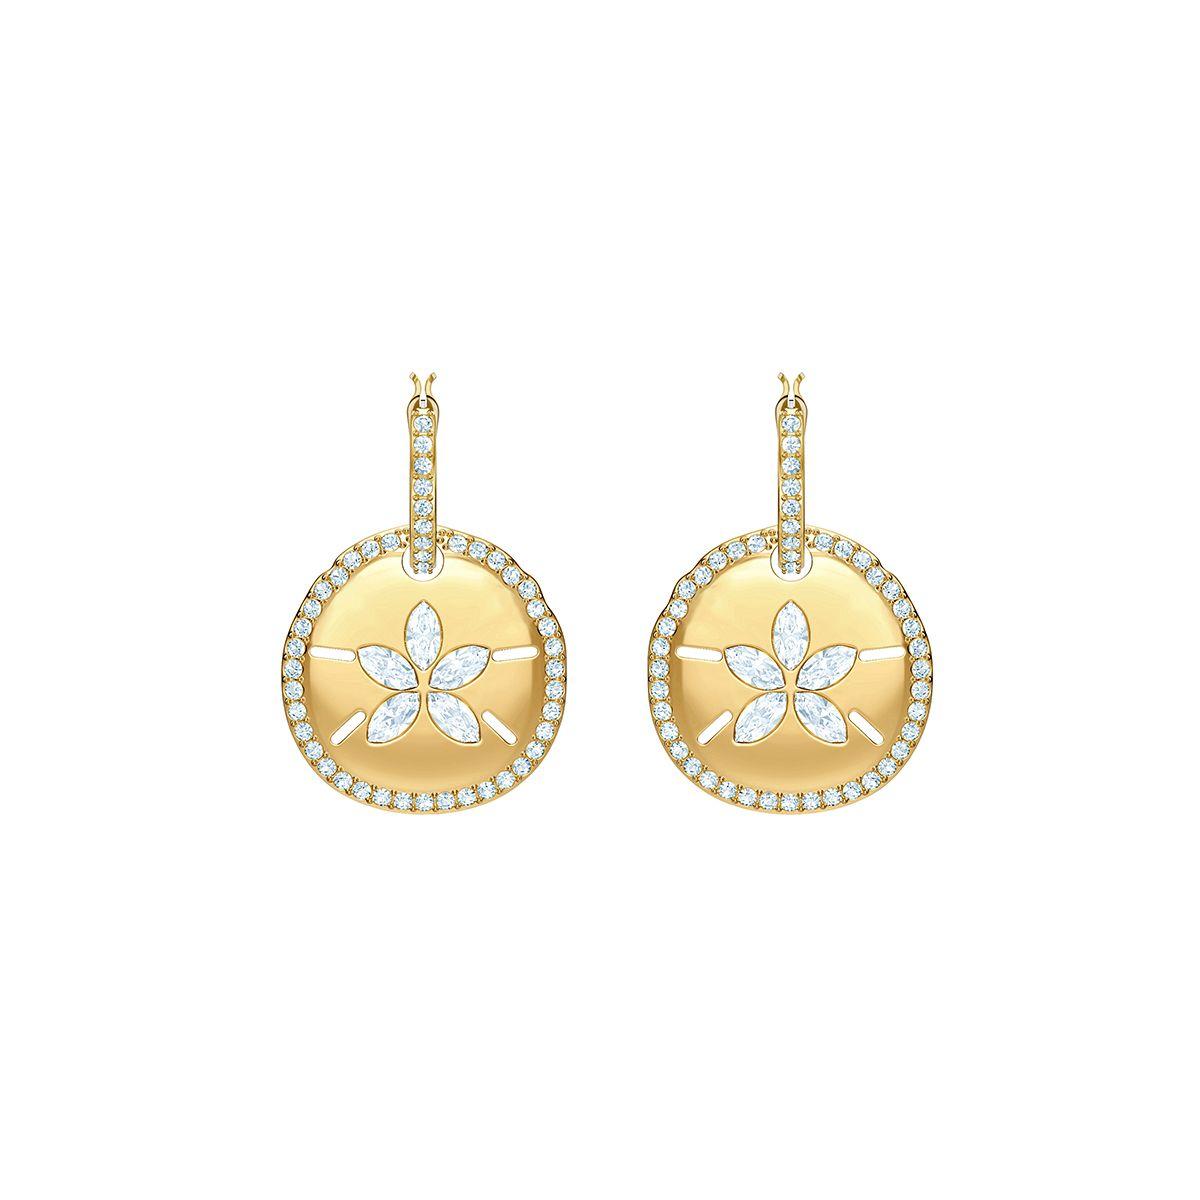 f9c5fb984 Swarovski Jewelry - Macy's